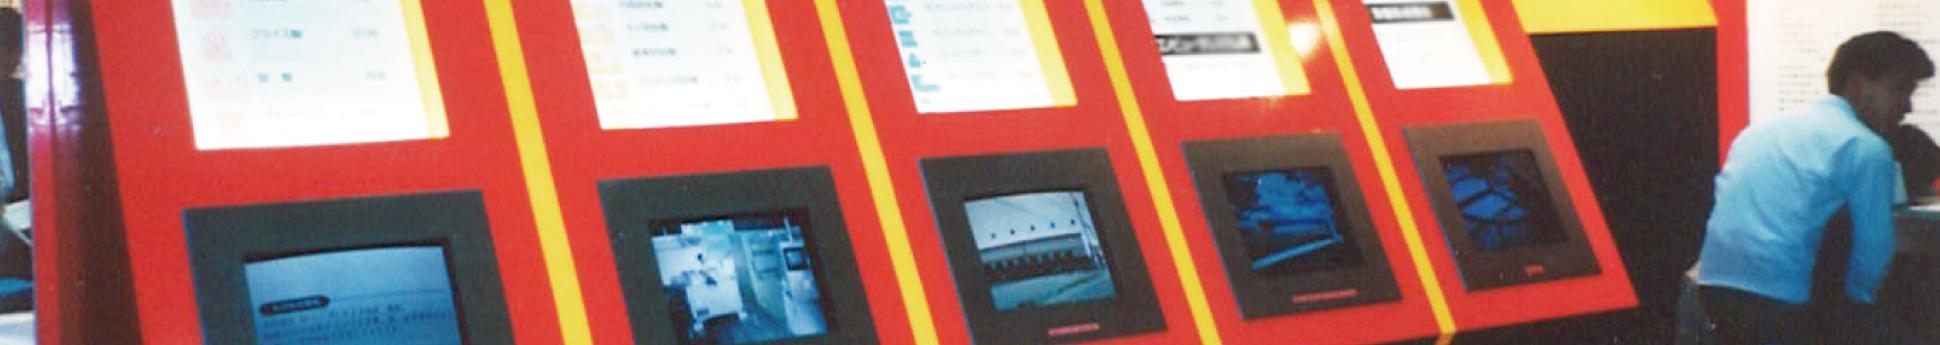 科学館・博物館・図書館の什器